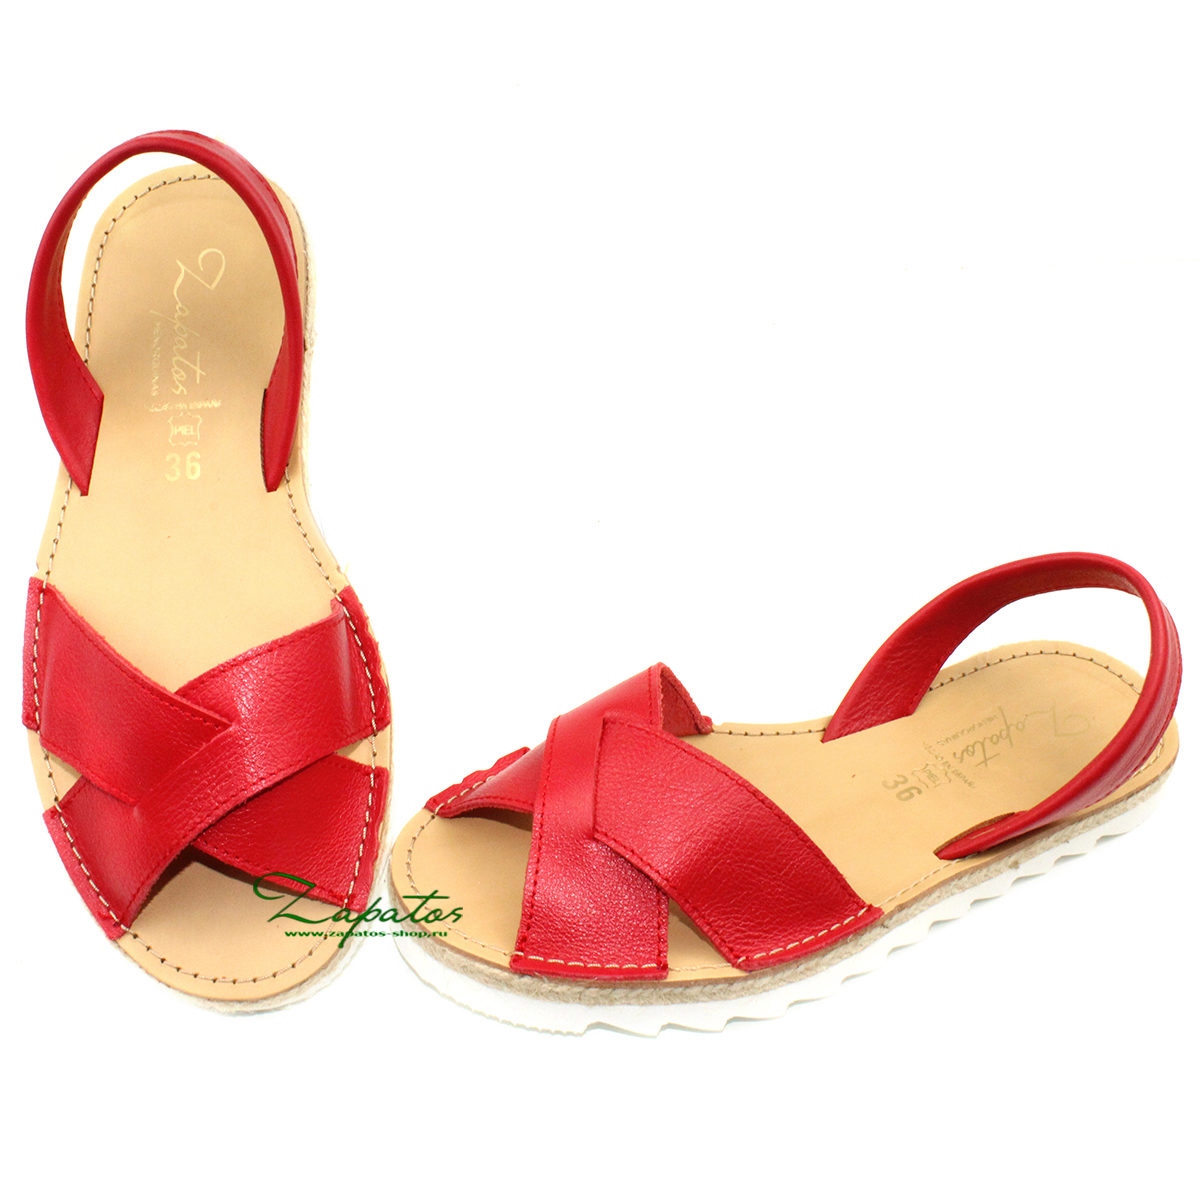 Zapatos Cruz-Yute rojo